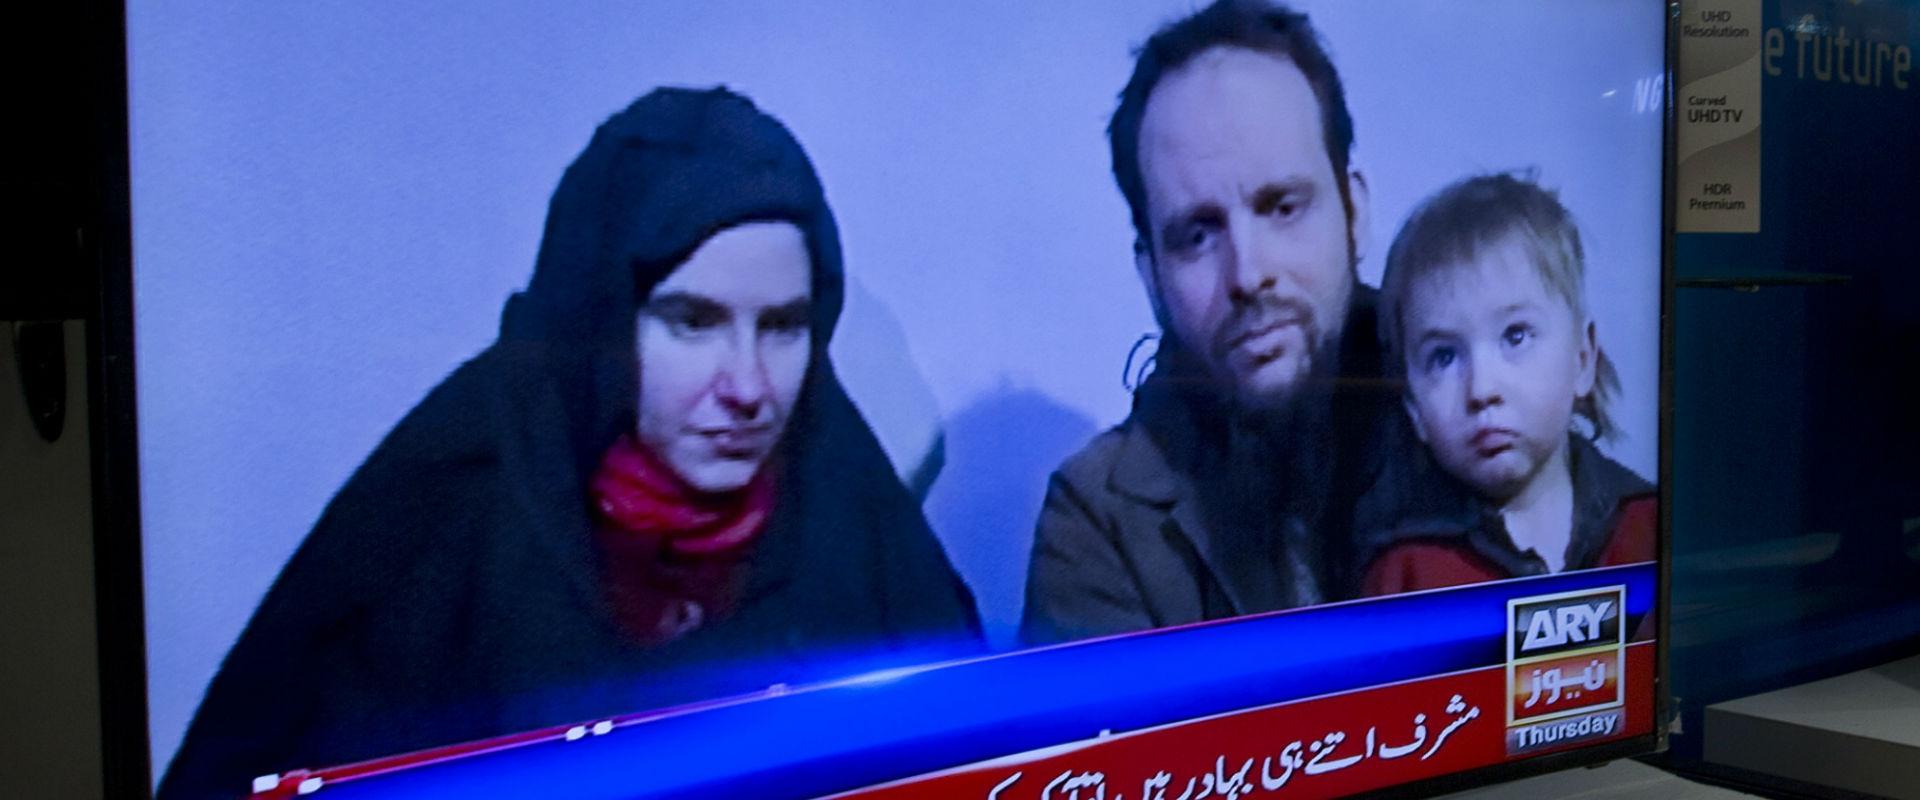 הטלוויזיה הפקיסטנית מדווחת על חילוץ המשפחה האמריקנ